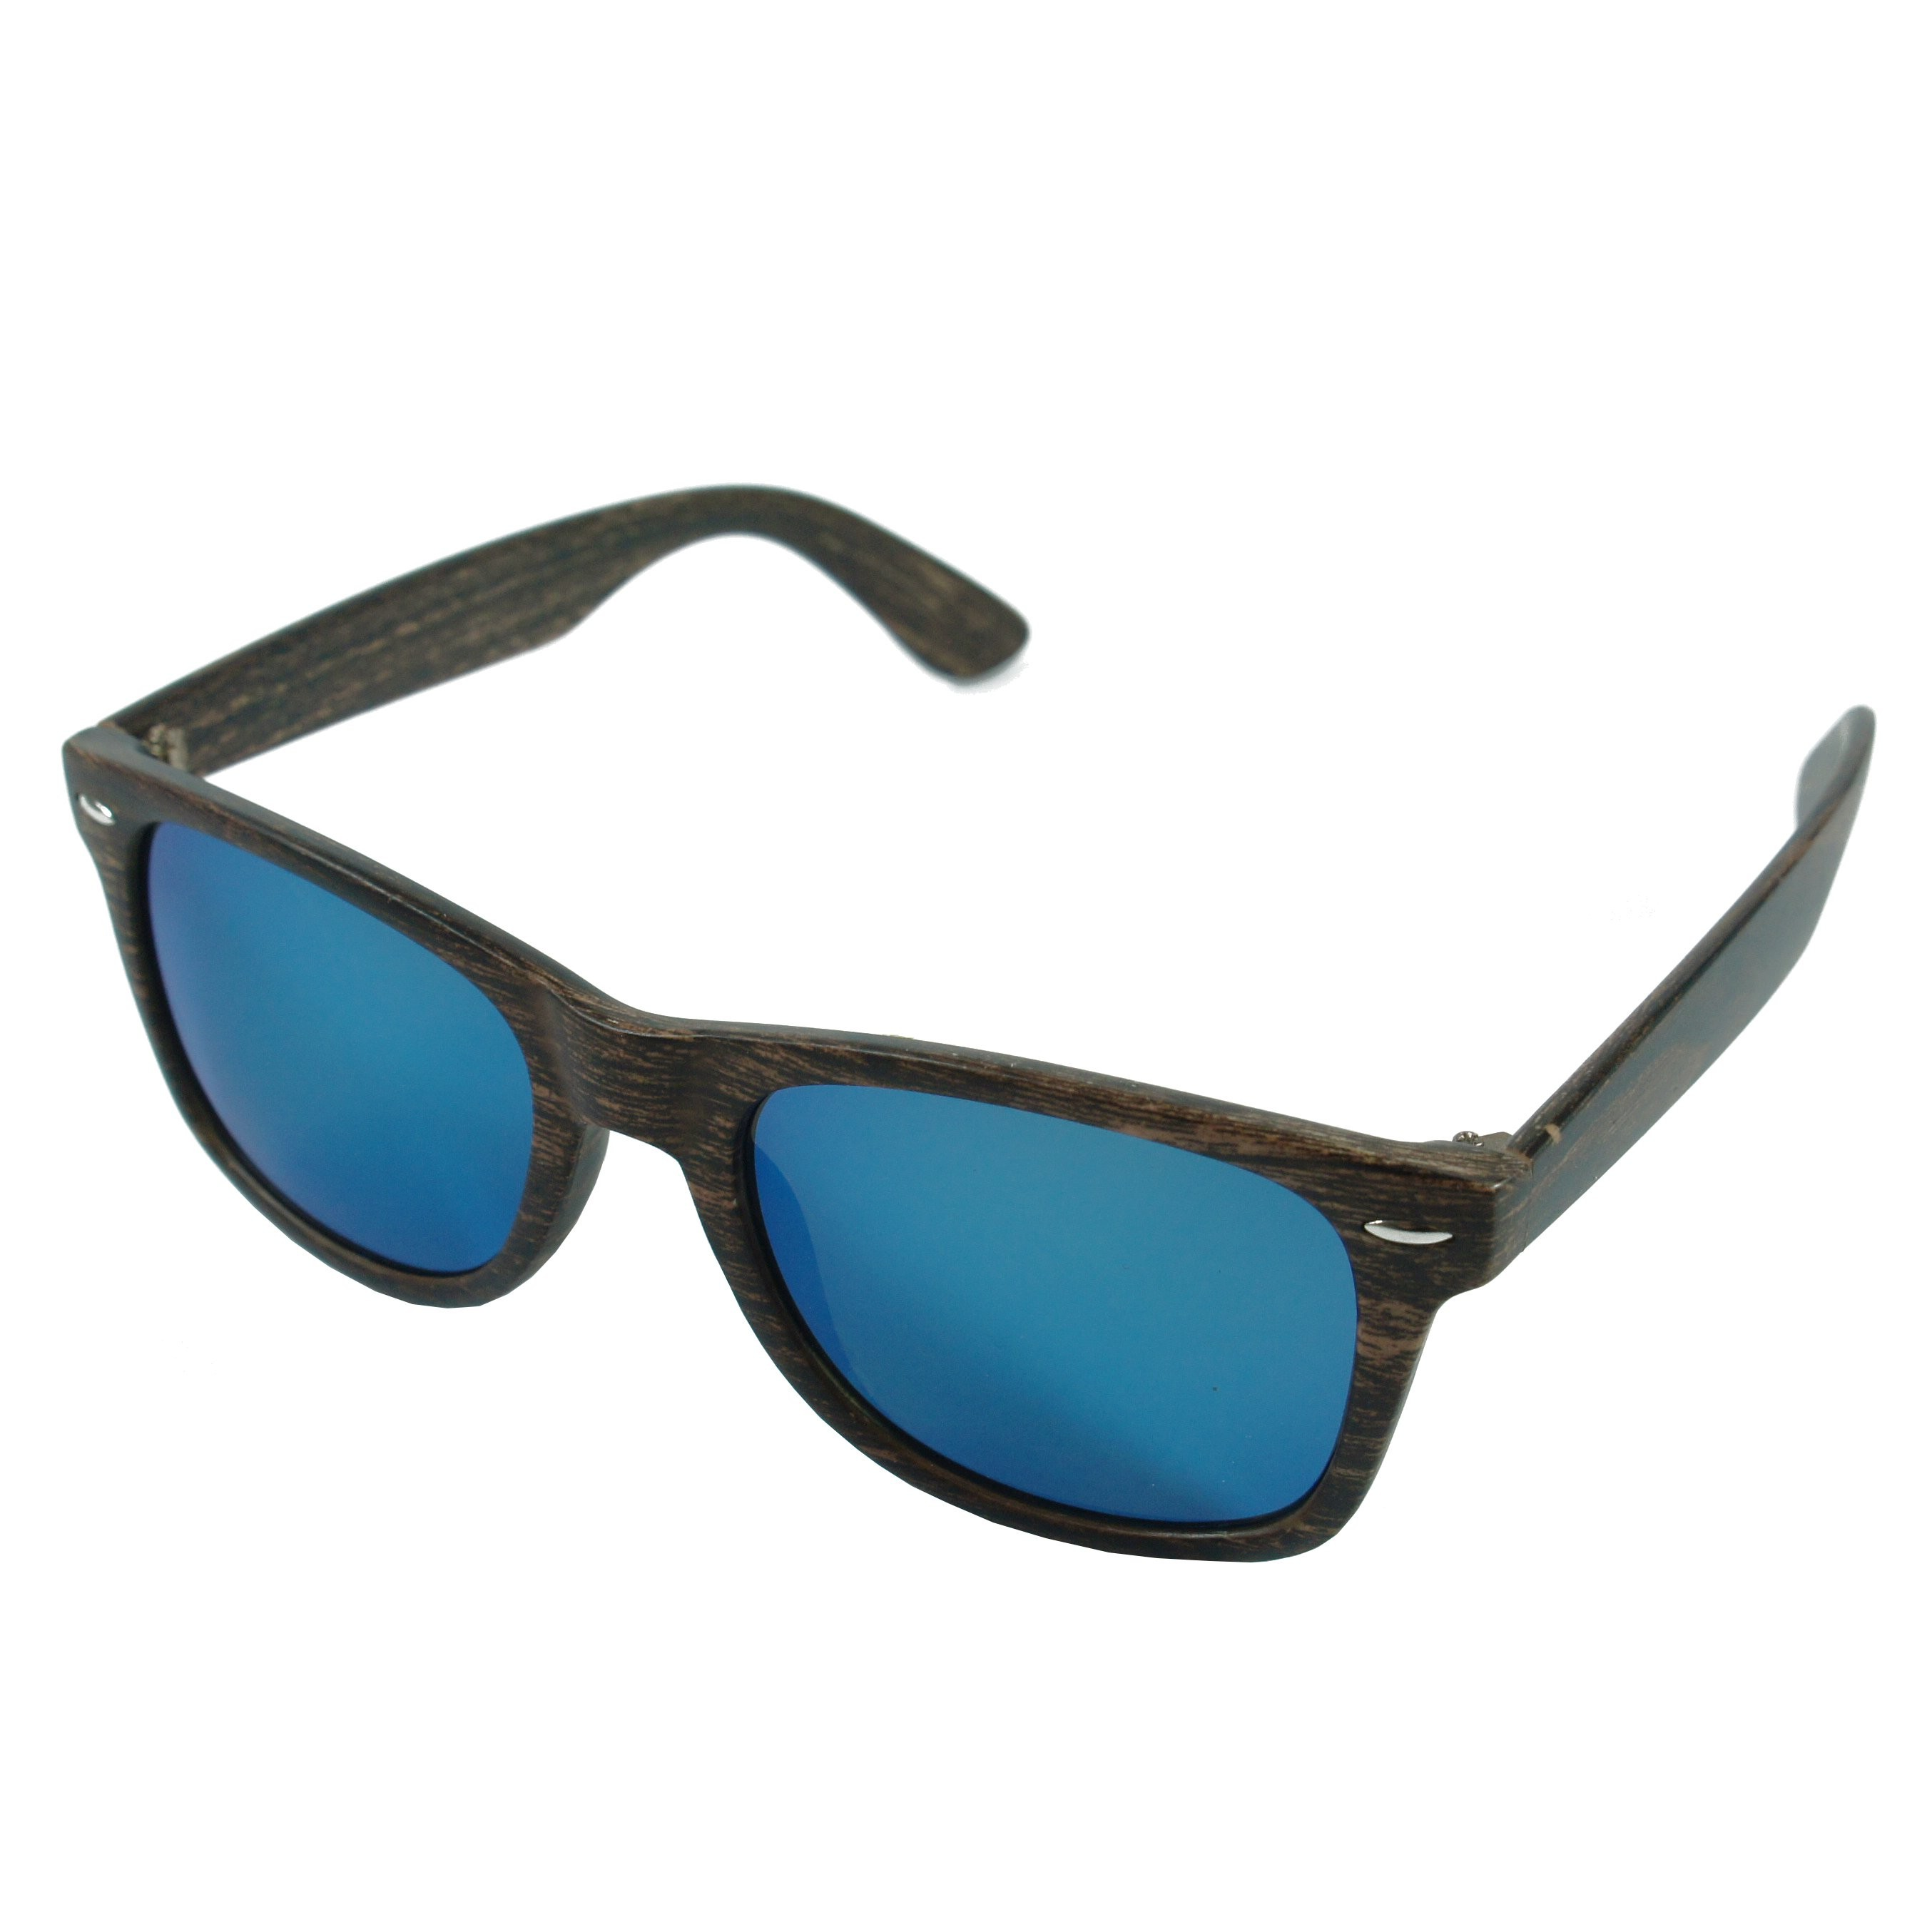 Sluneční brýle Woodies - tmavé dřevo